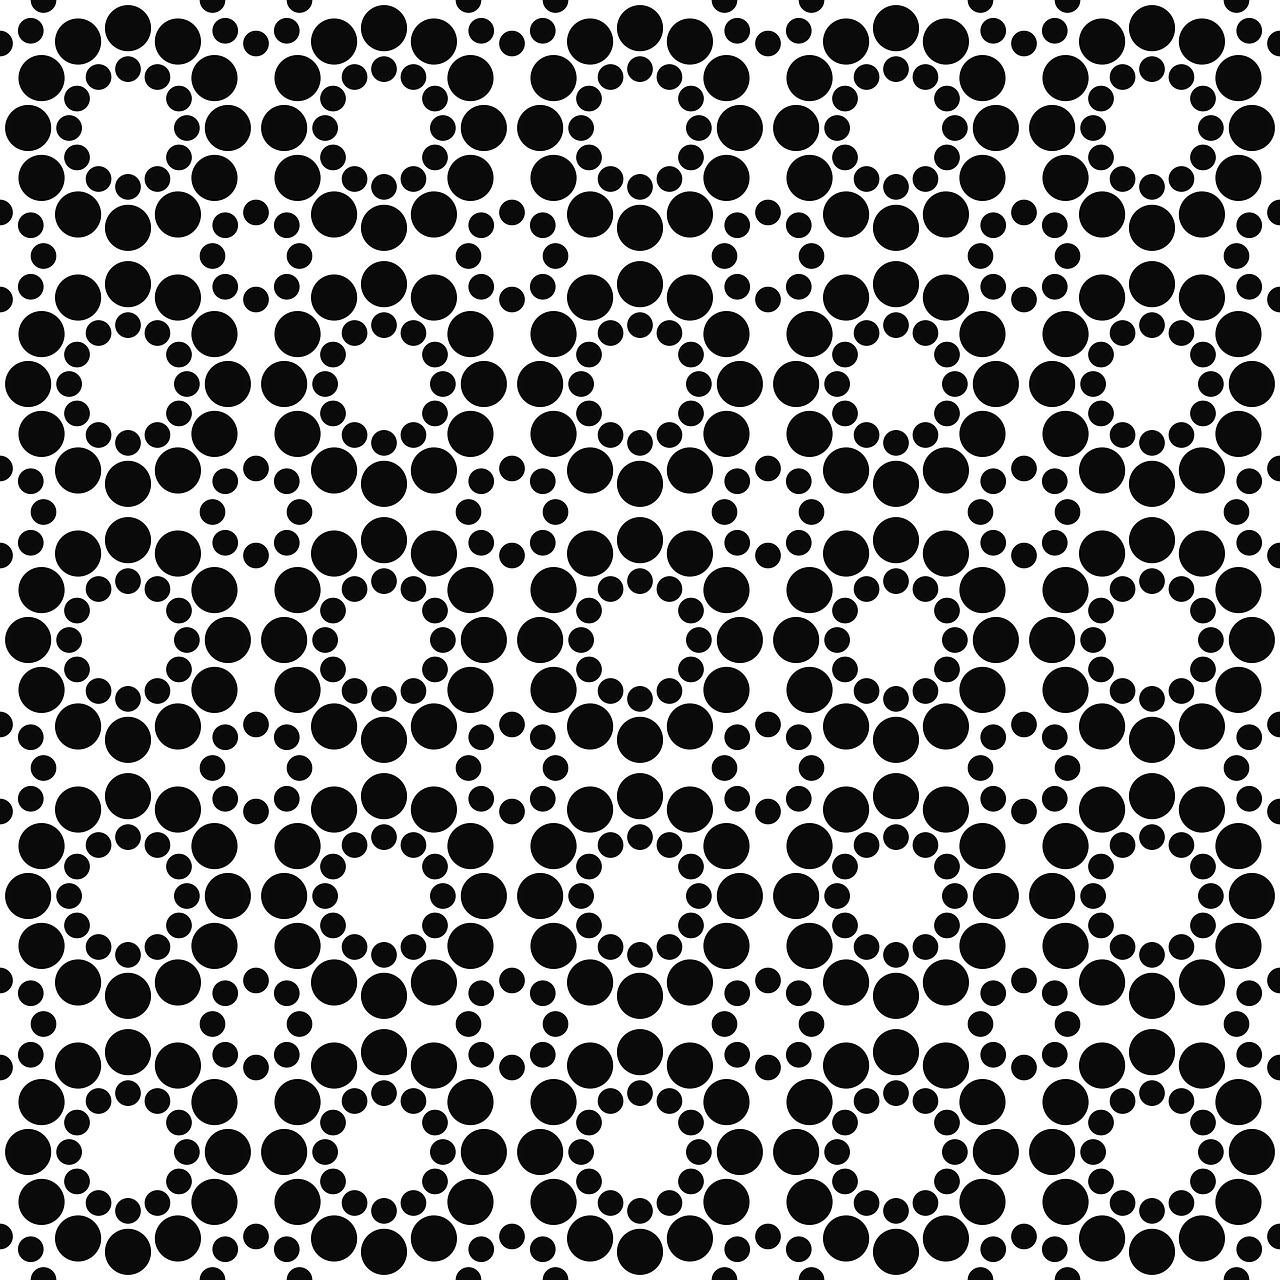 Pattern,seamless,monochrome,black and white,seamless pattern - free ...